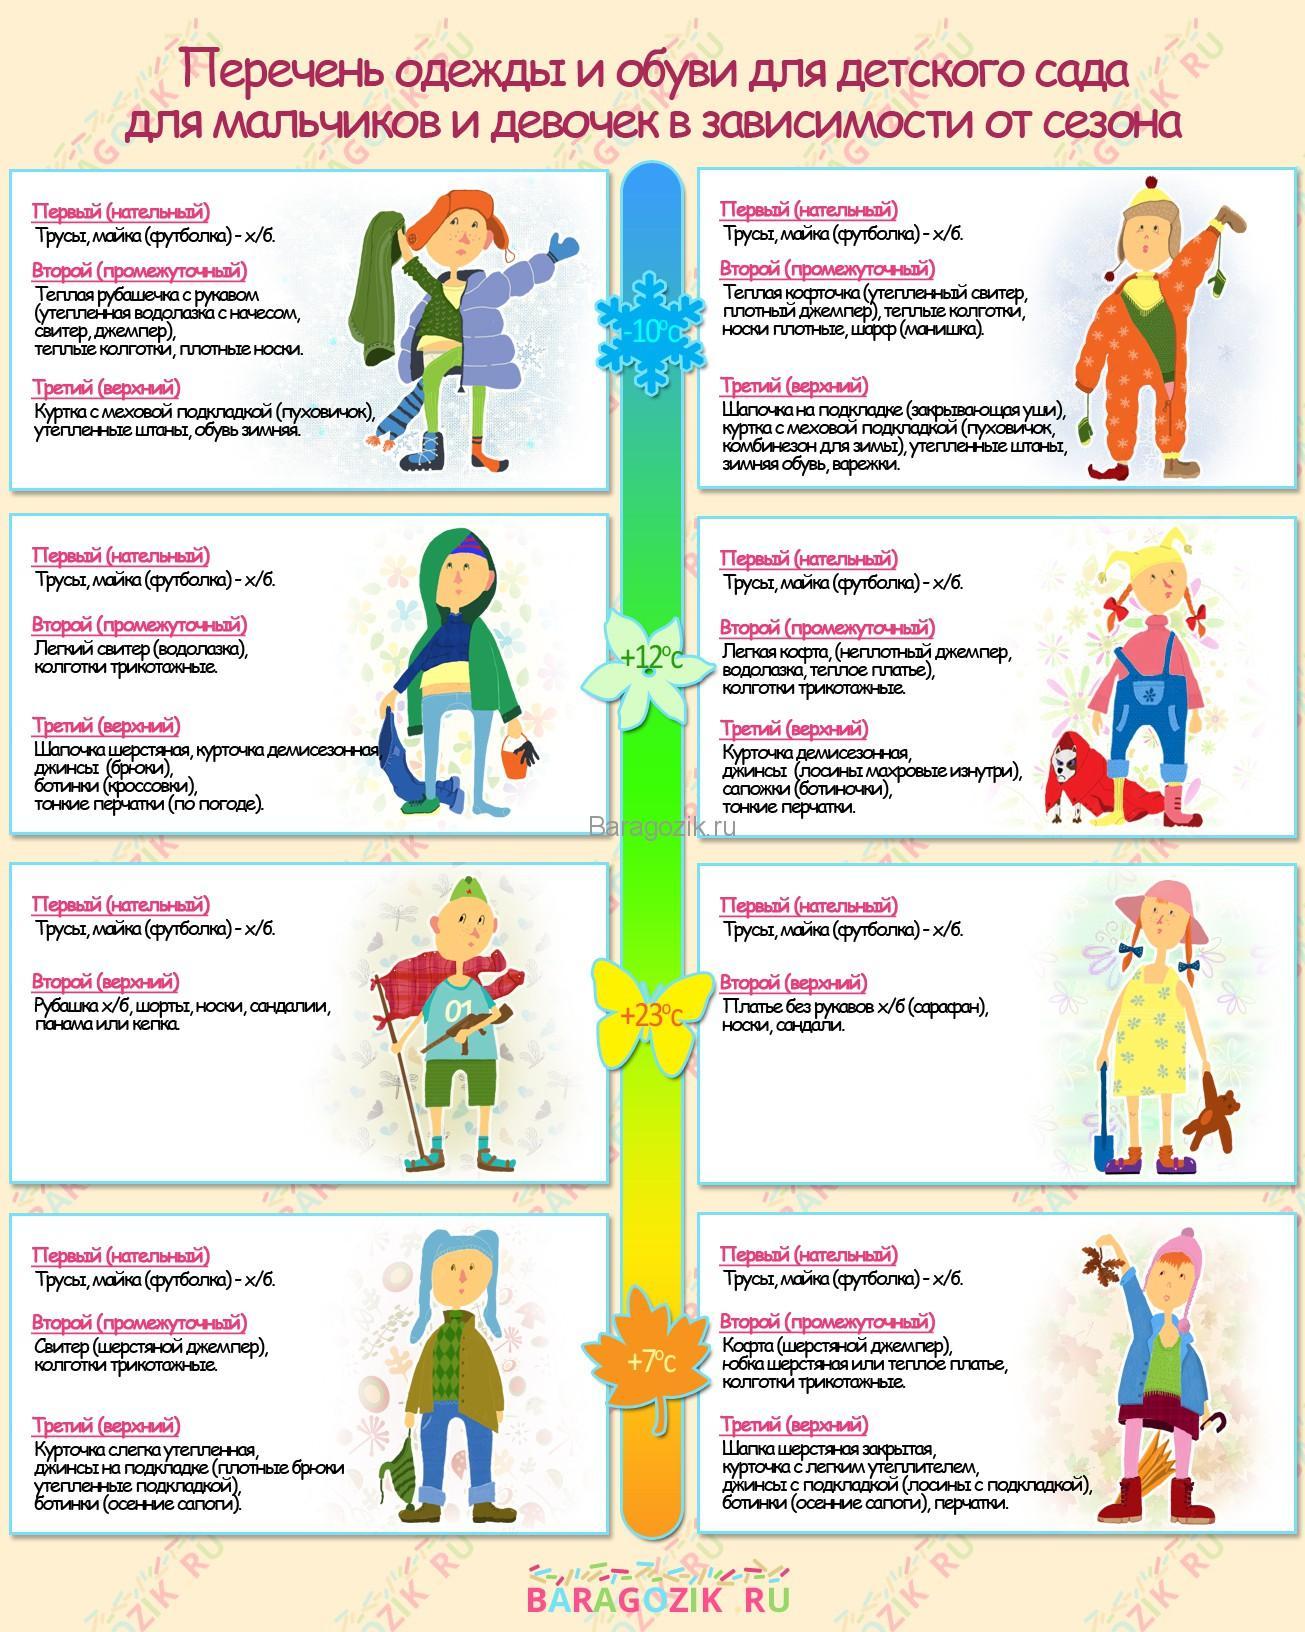 Полный список одежды и обуви для детей в зависимости от сезона